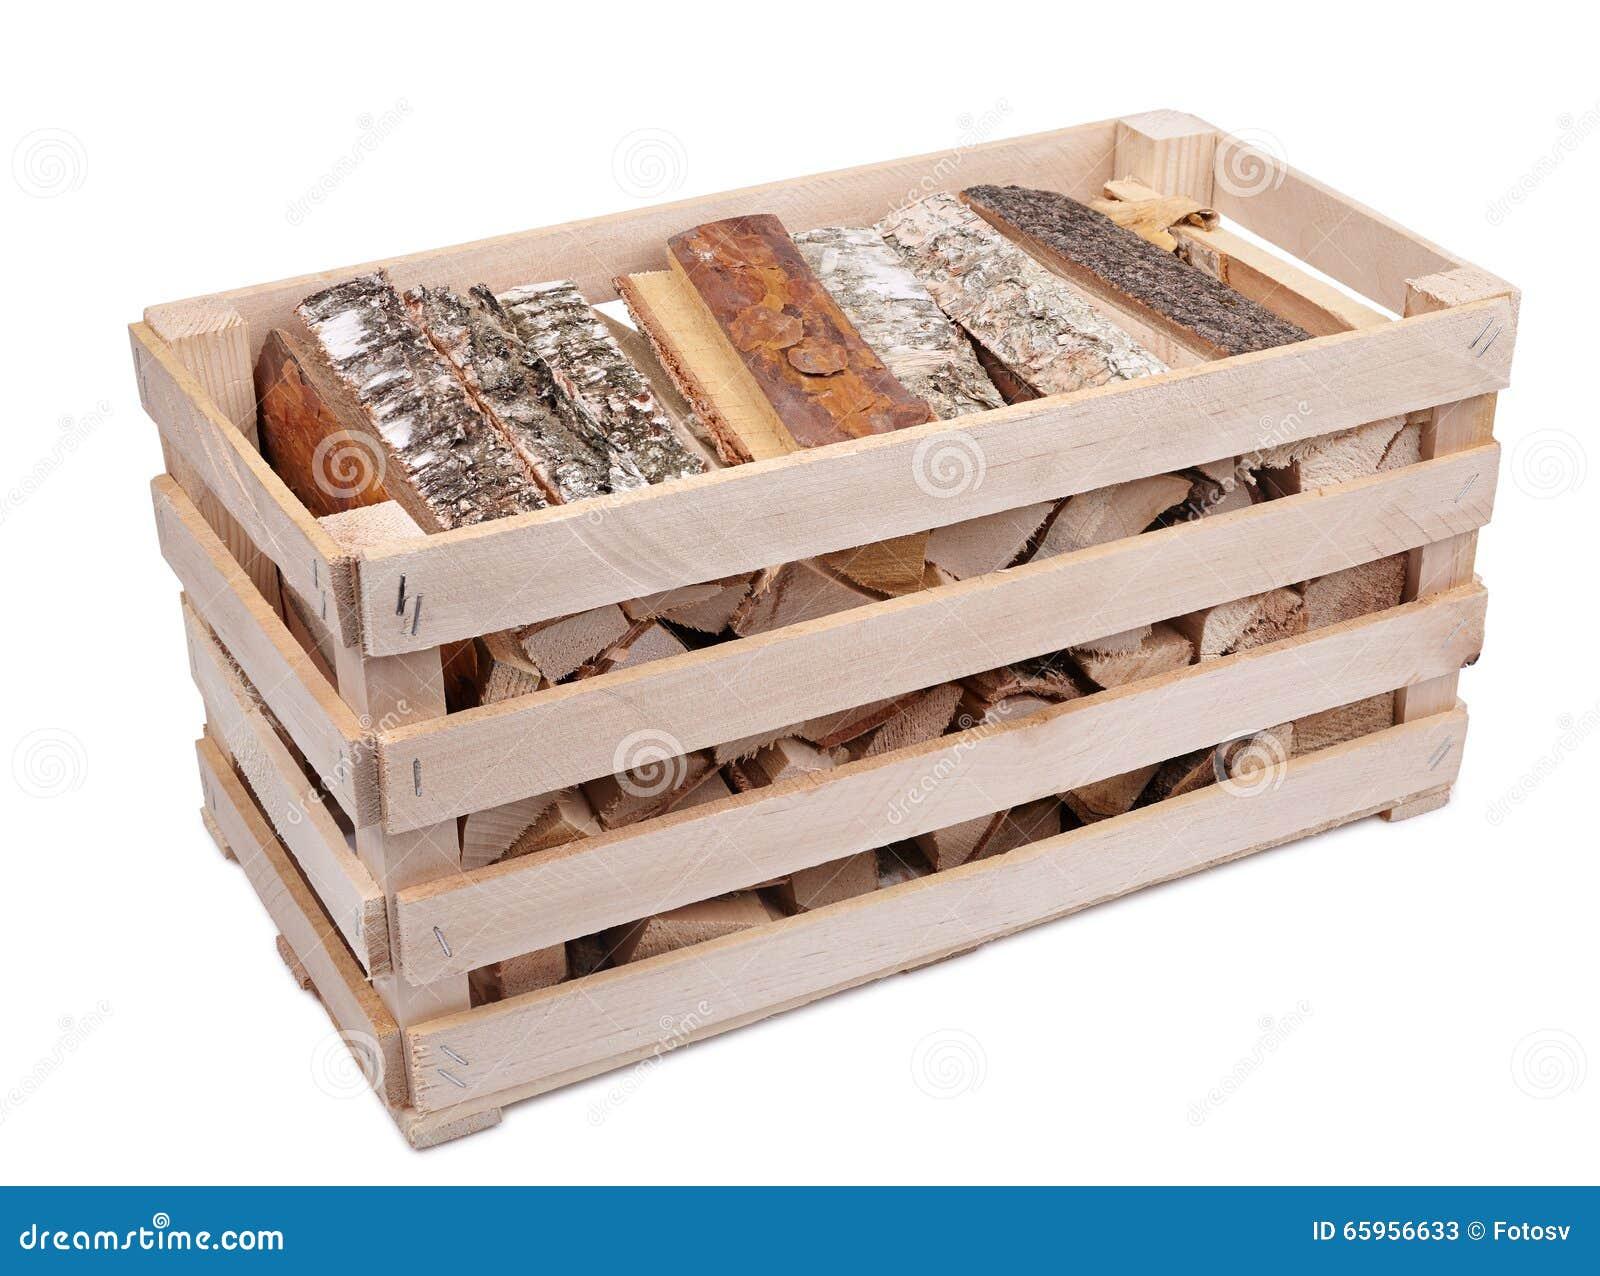 Caisse avec le bois de chauffage photo stock image 65956633 - Caisse pour bois de chauffage ...